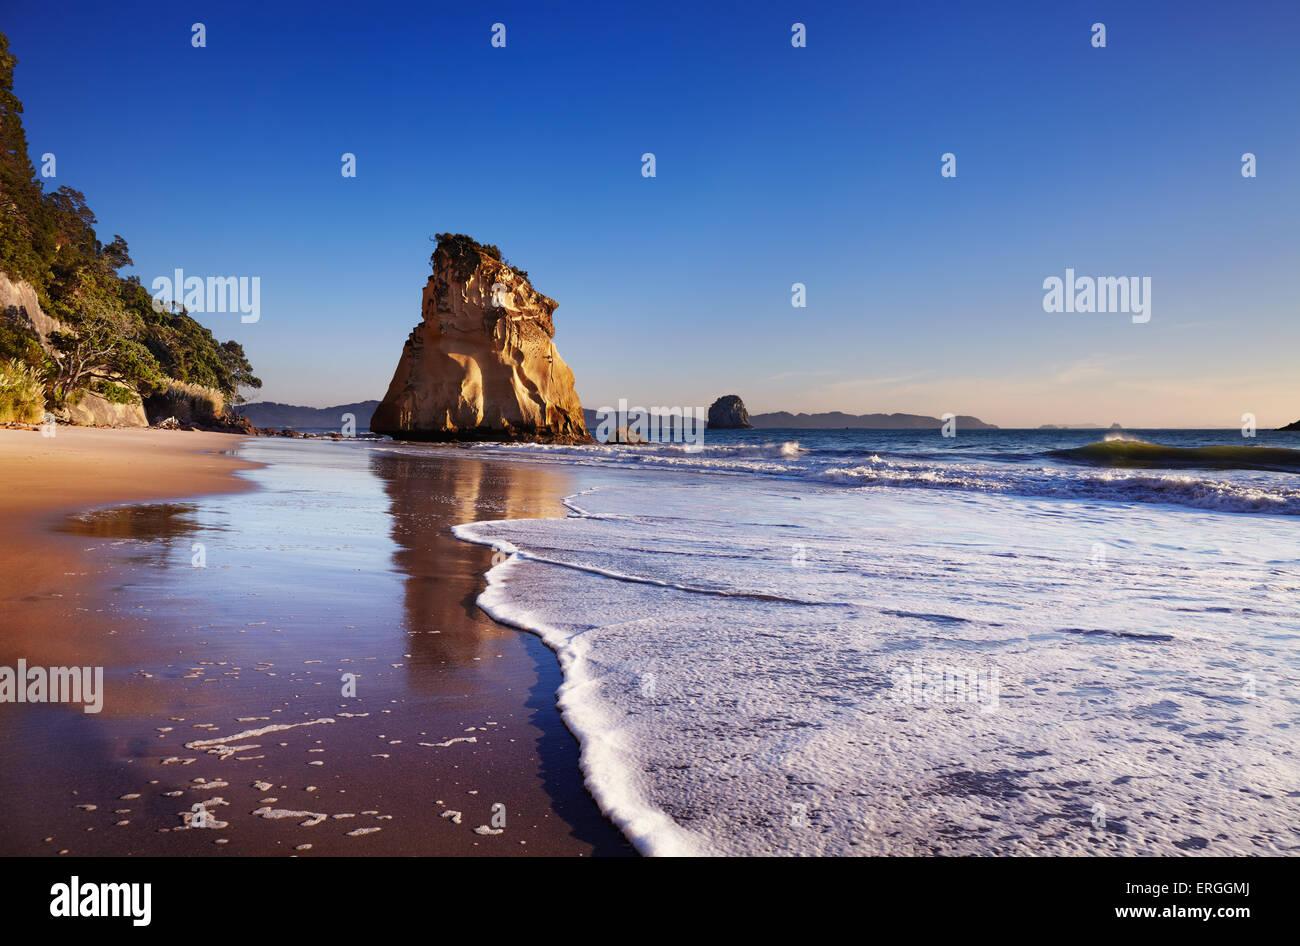 Hoho Rock, Cove della cattedrale, Penisola di Coromandel, Nuova Zelanda Immagini Stock